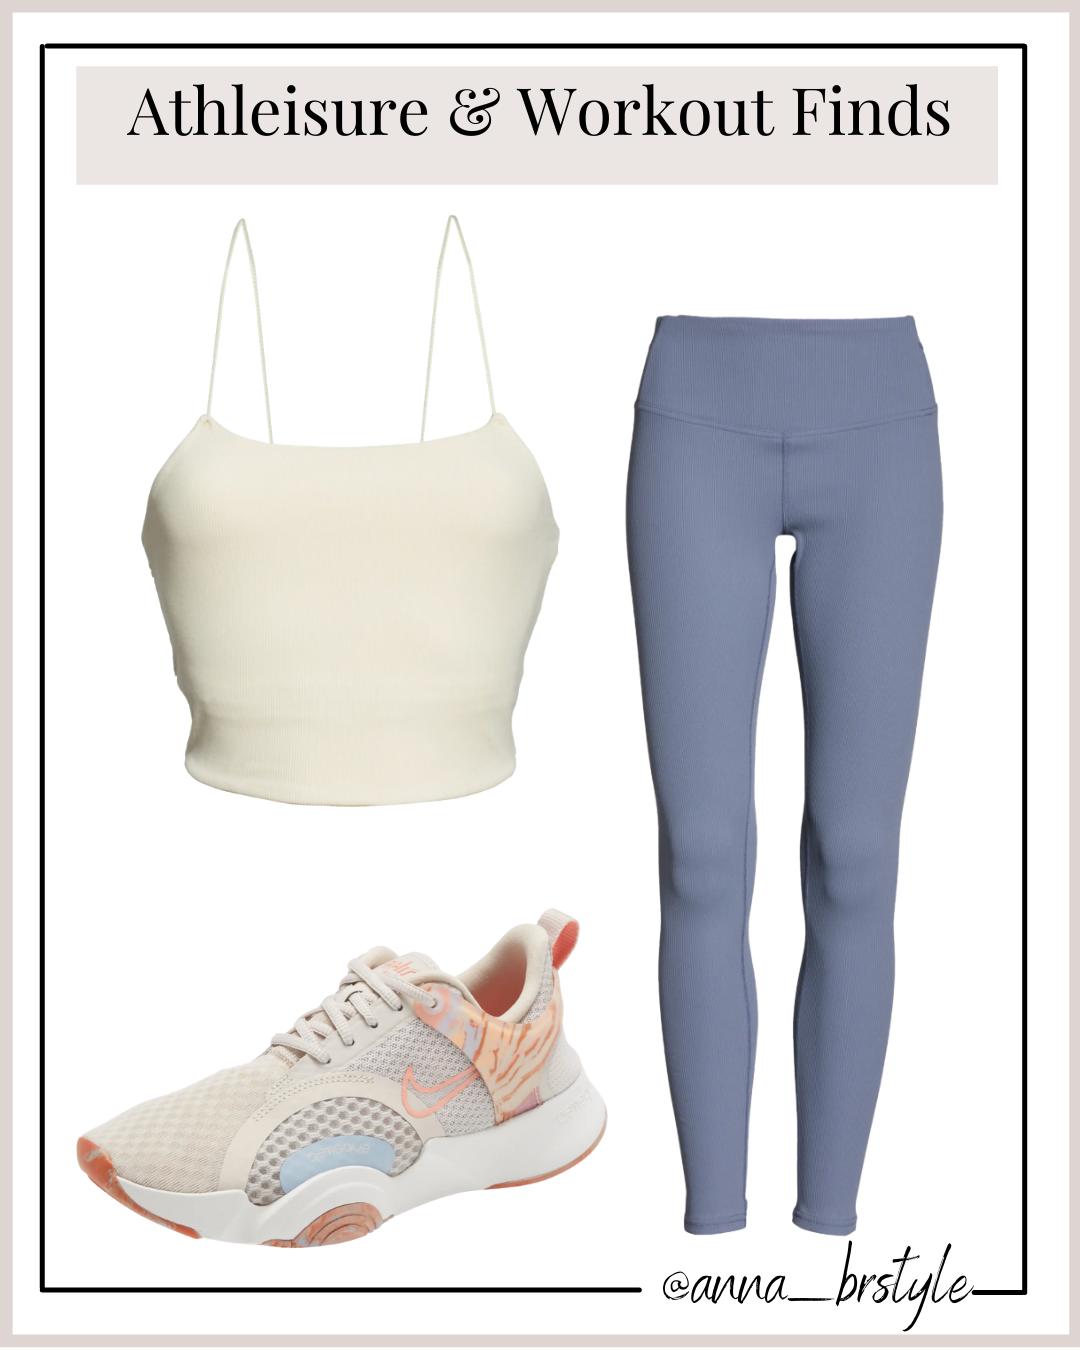 leggings, tank, sneakers, workout gear